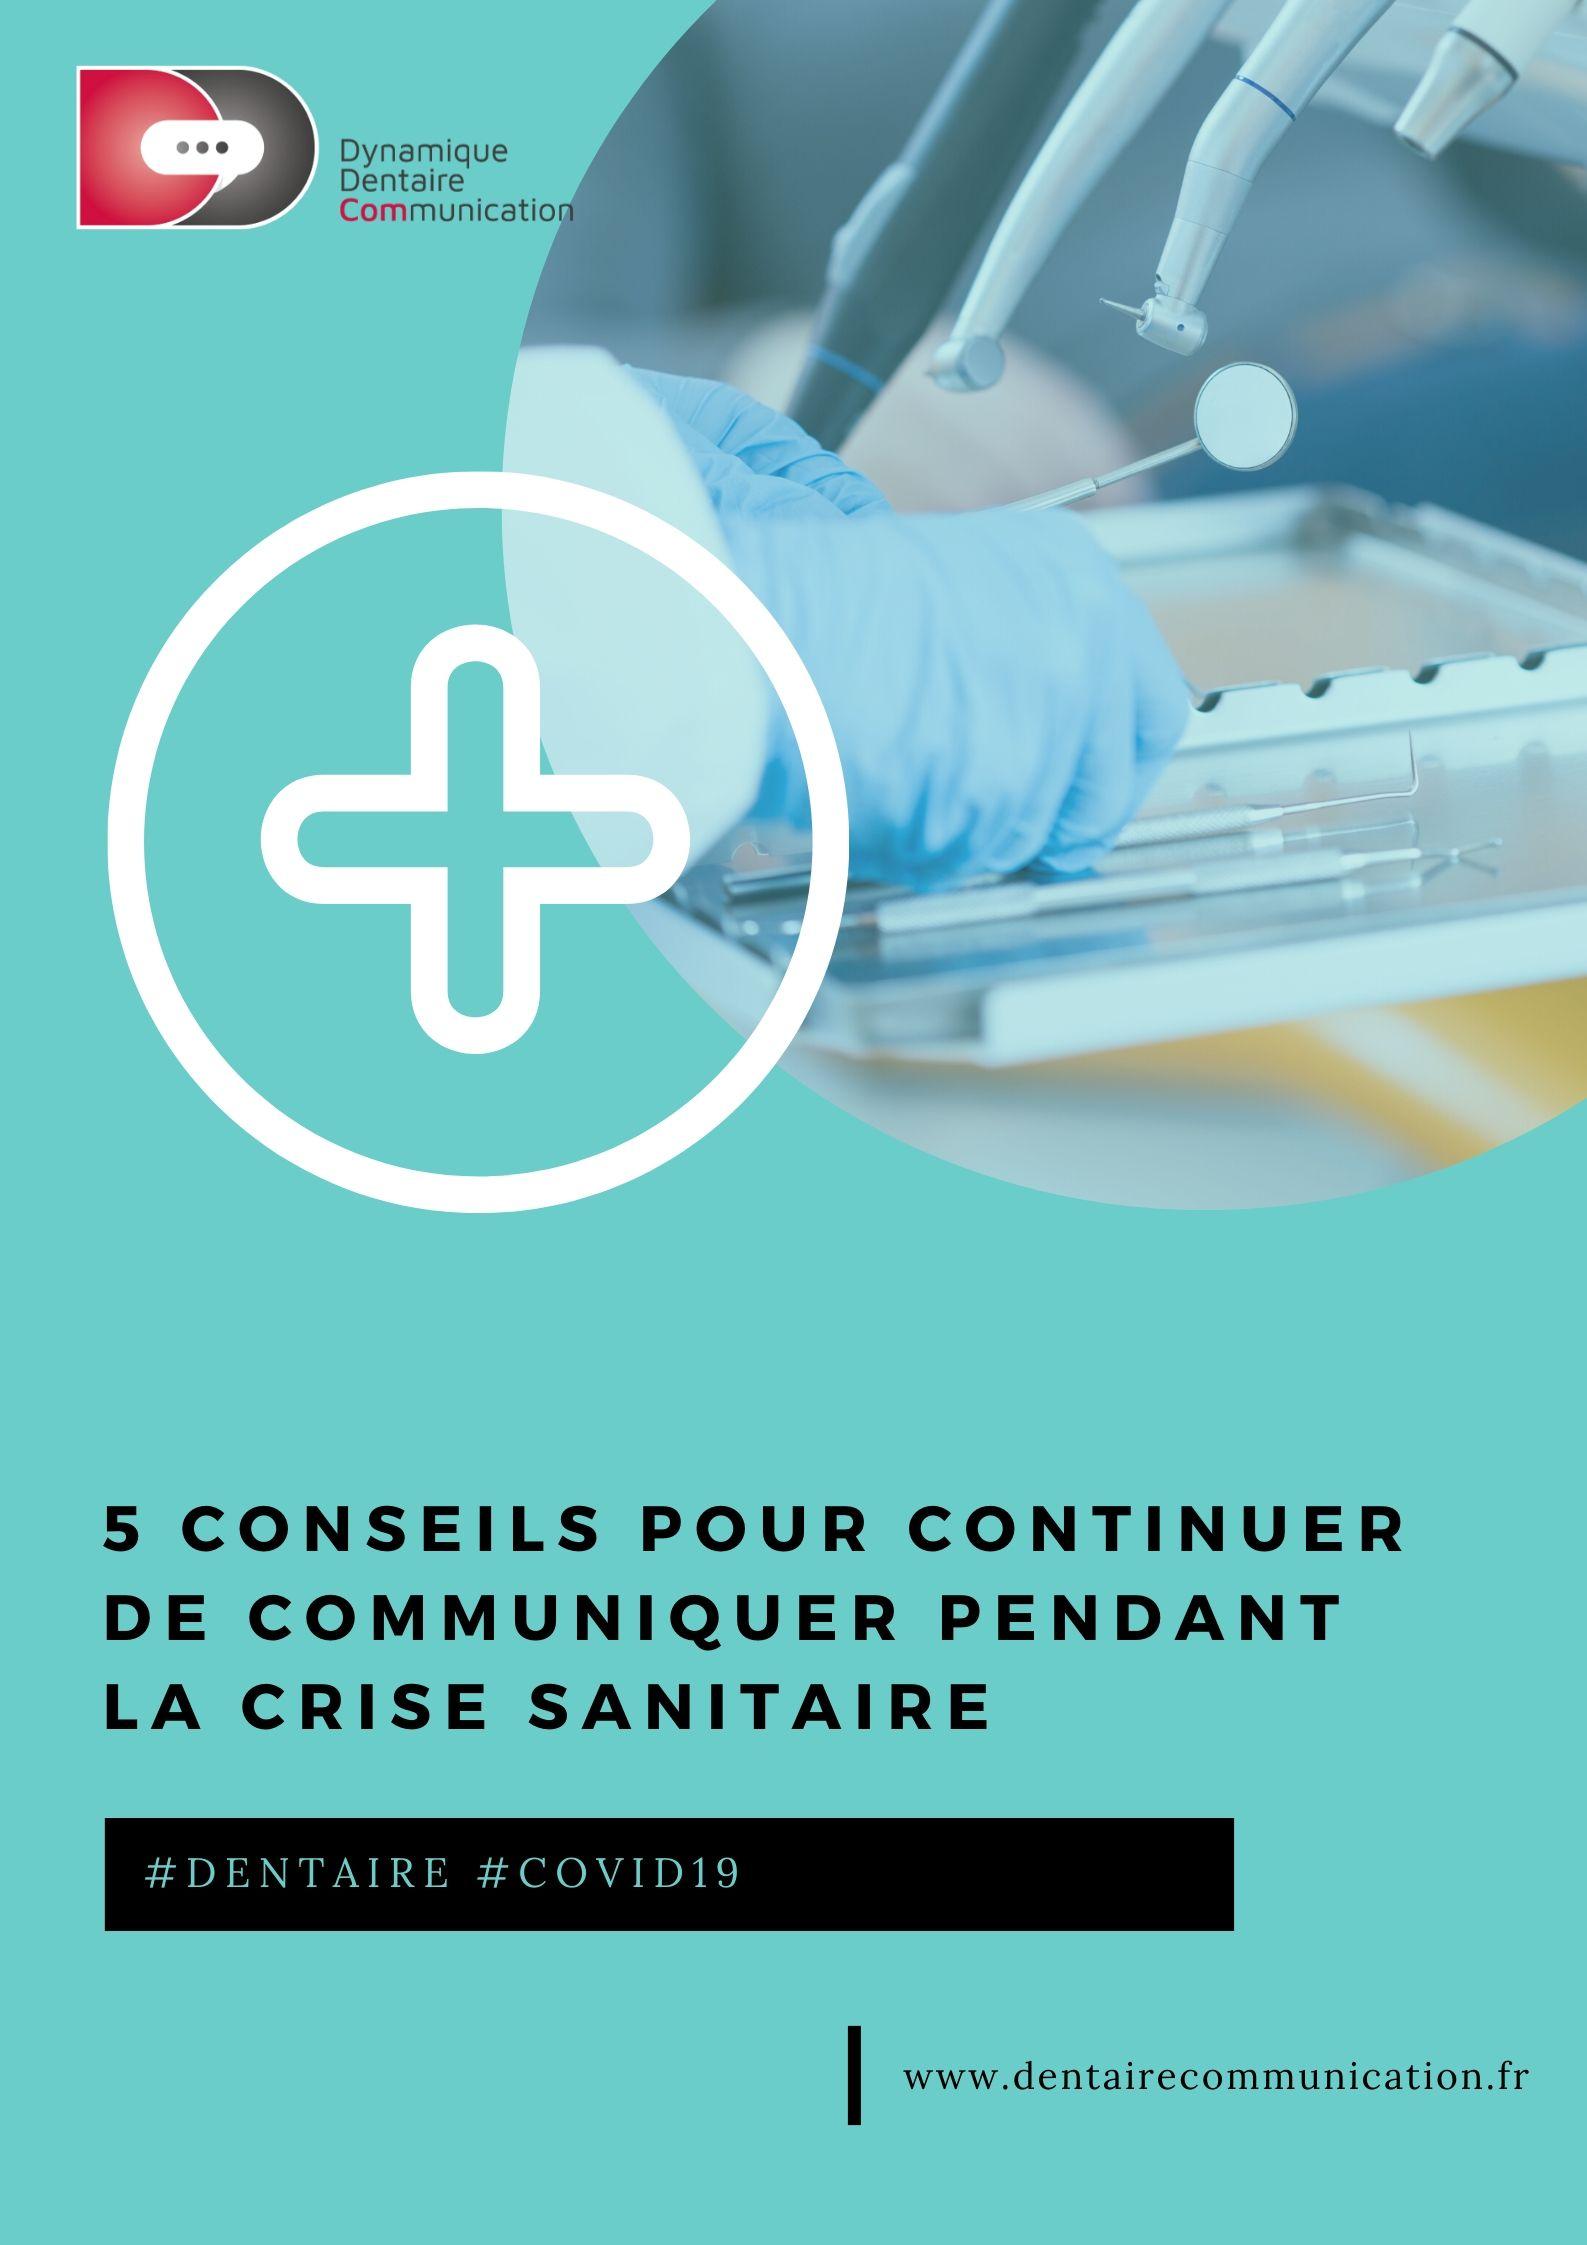 #Covid-19 #Dentaire : 5 conseils pour continuer de communiquer pendant la crise sanitaire